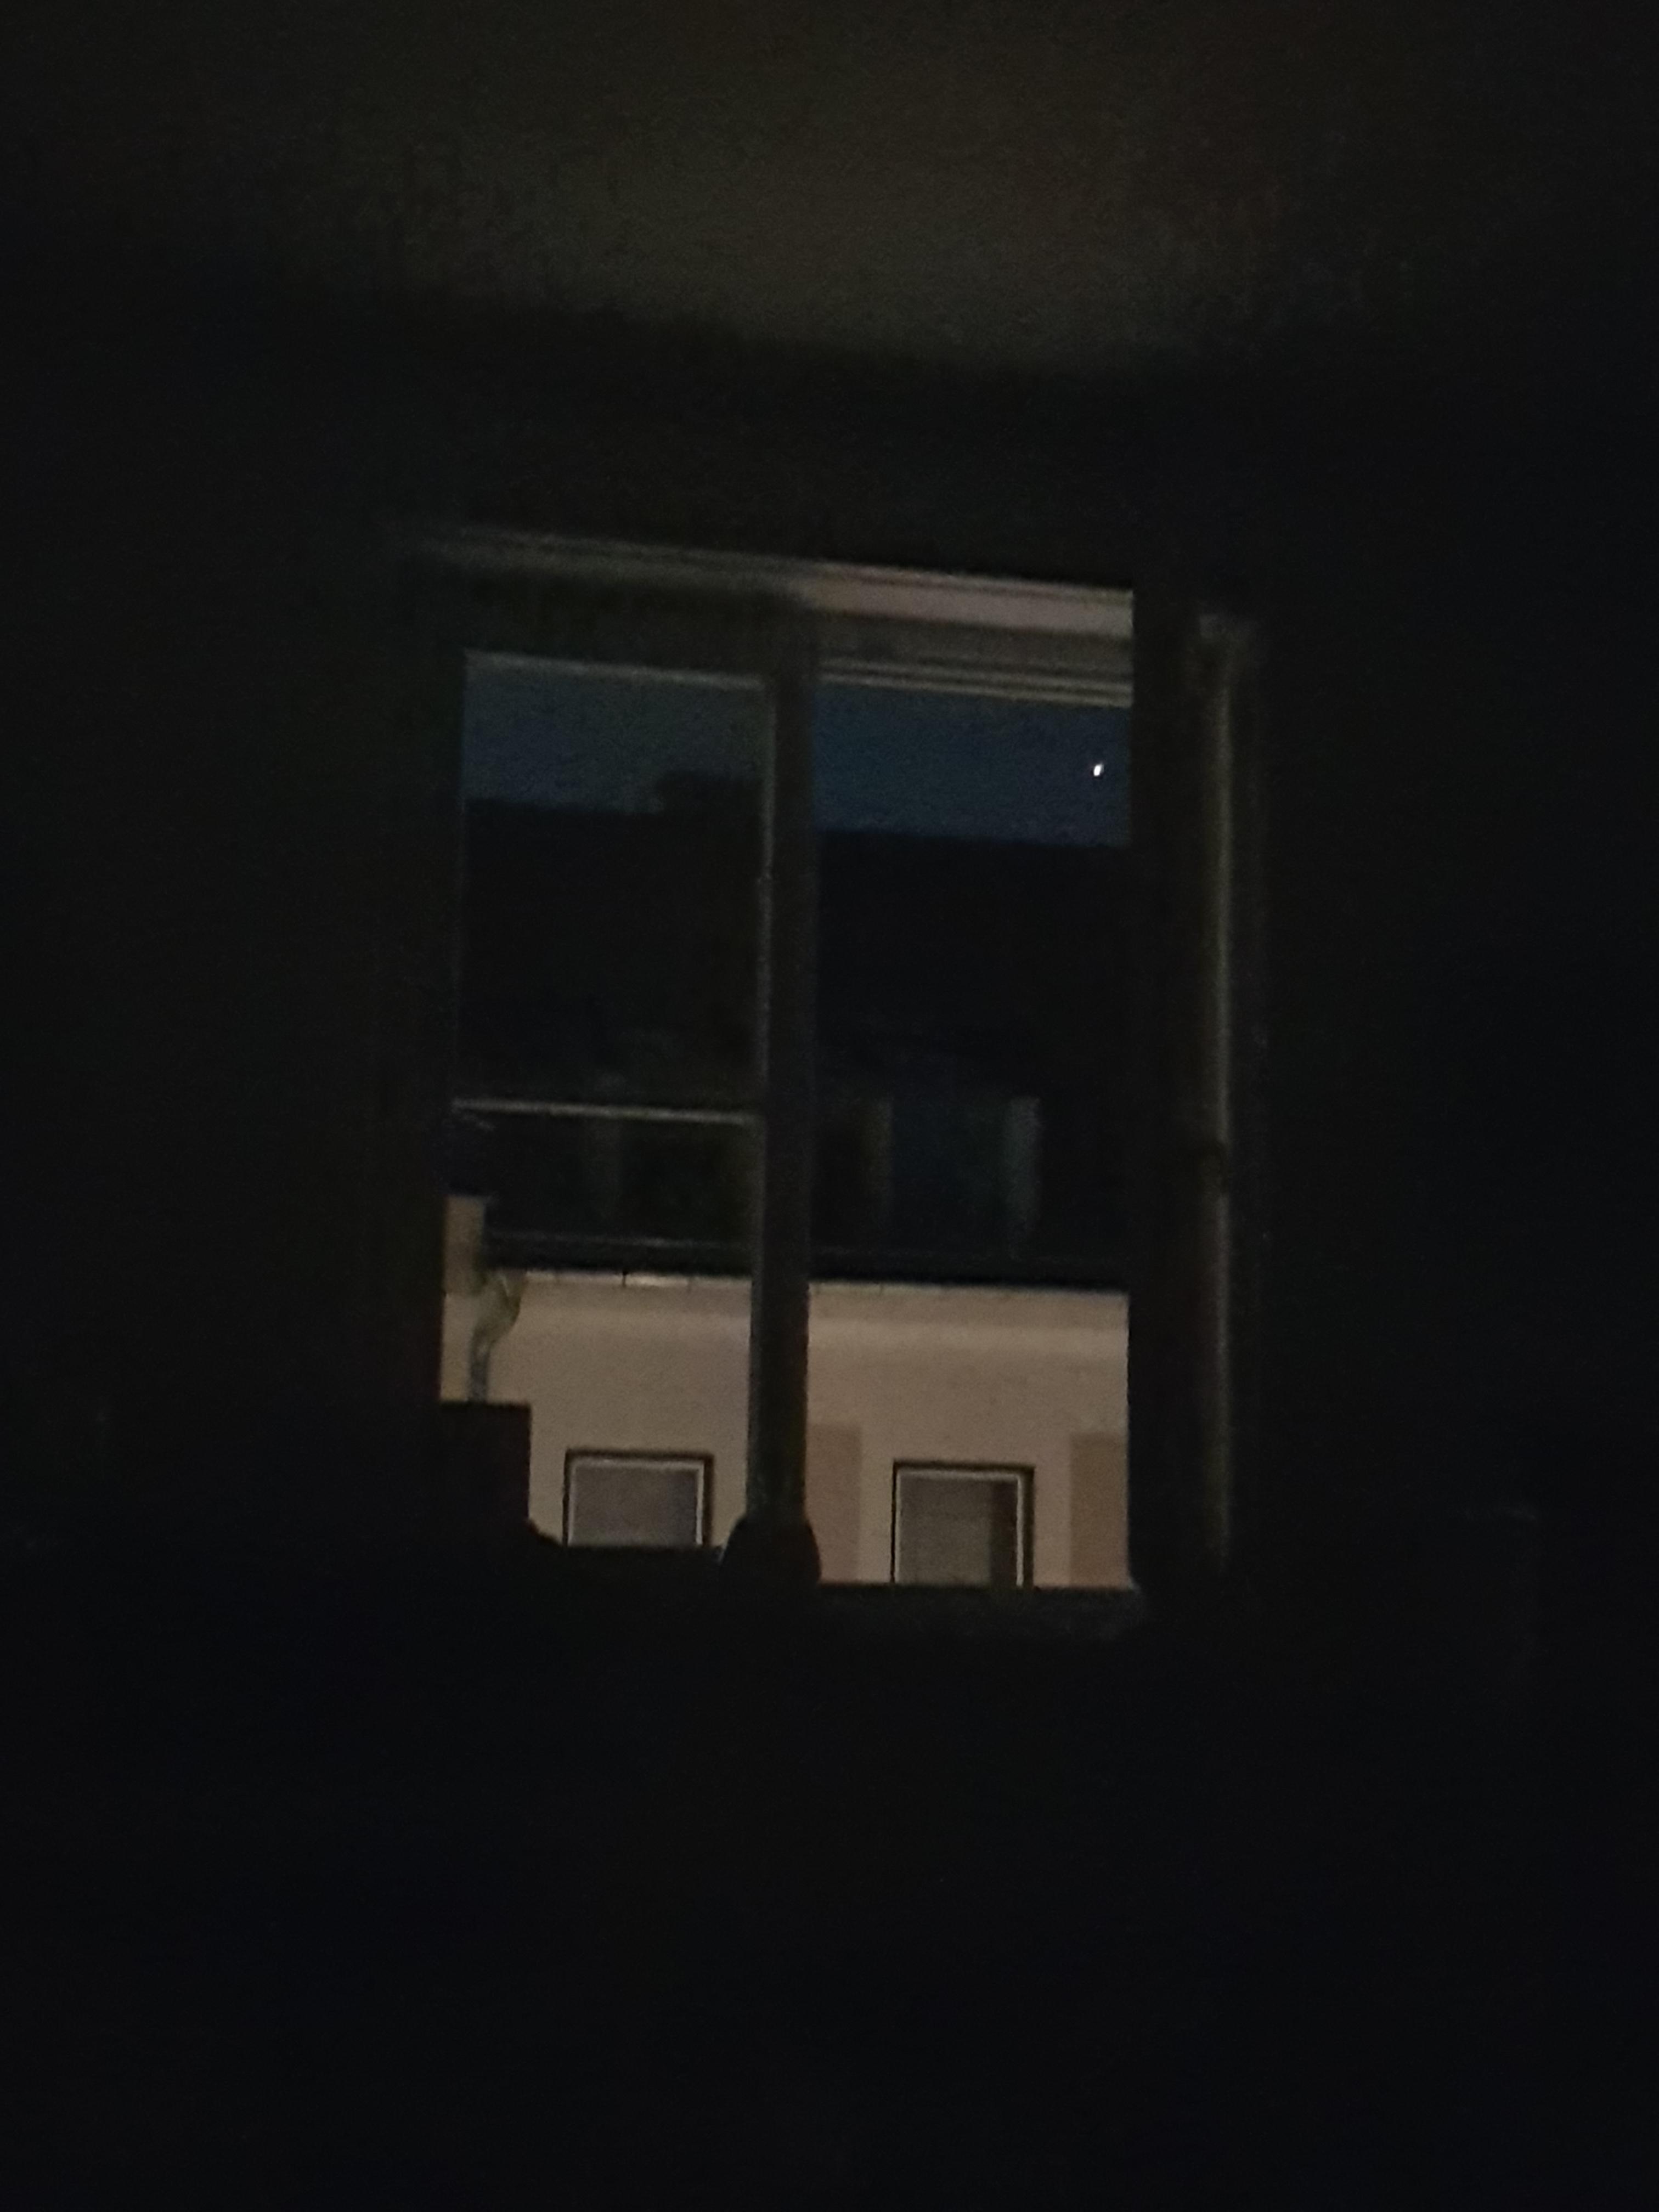 별이 뜨는 소리에 잠이 깨다